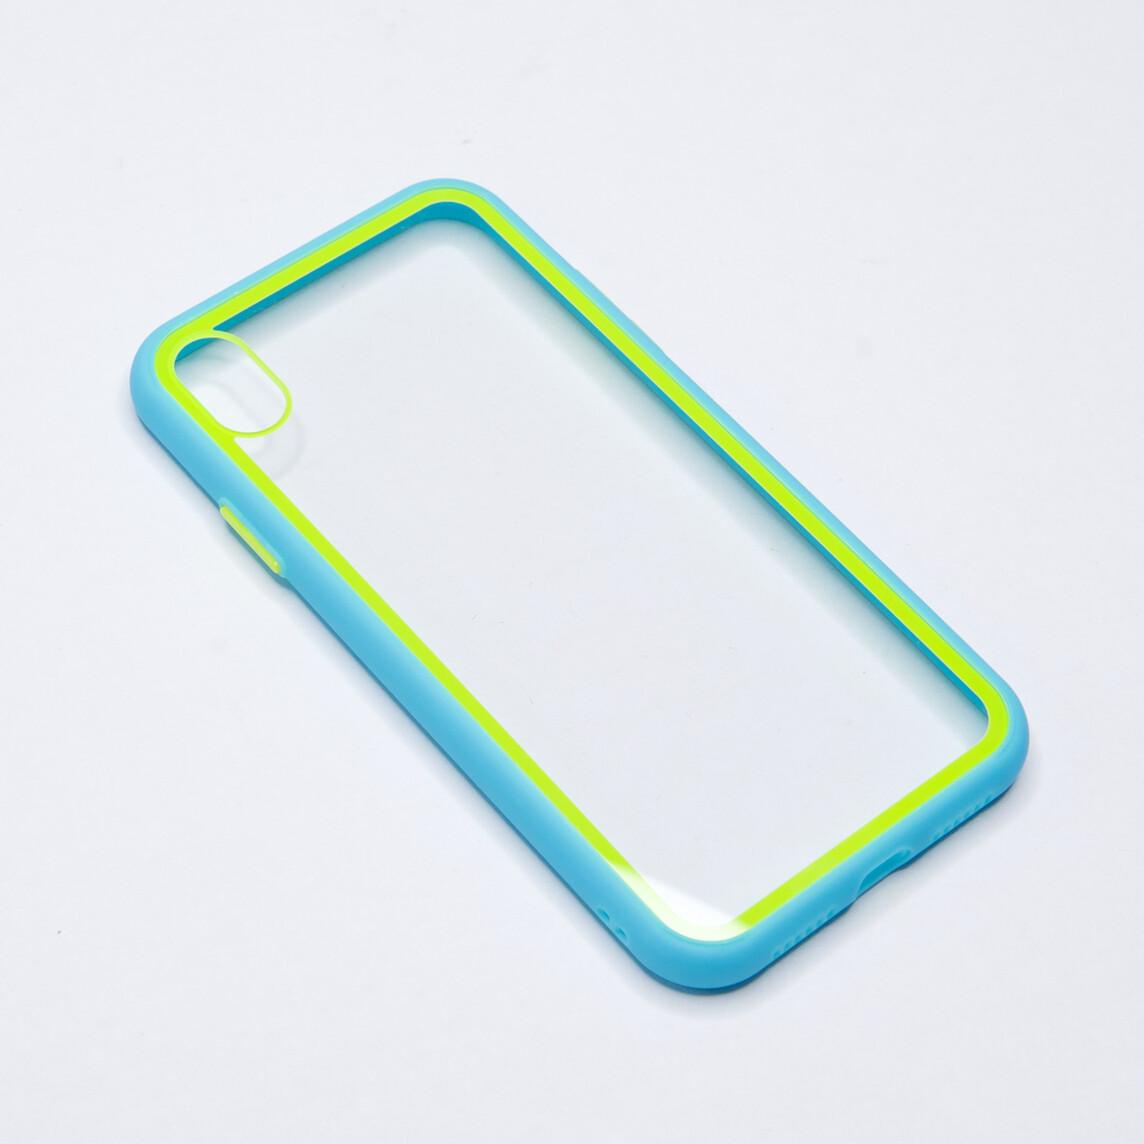 Estuche EL REY Marco De Color Celeste Y Parte De Atras Transparente - Iphone Xr